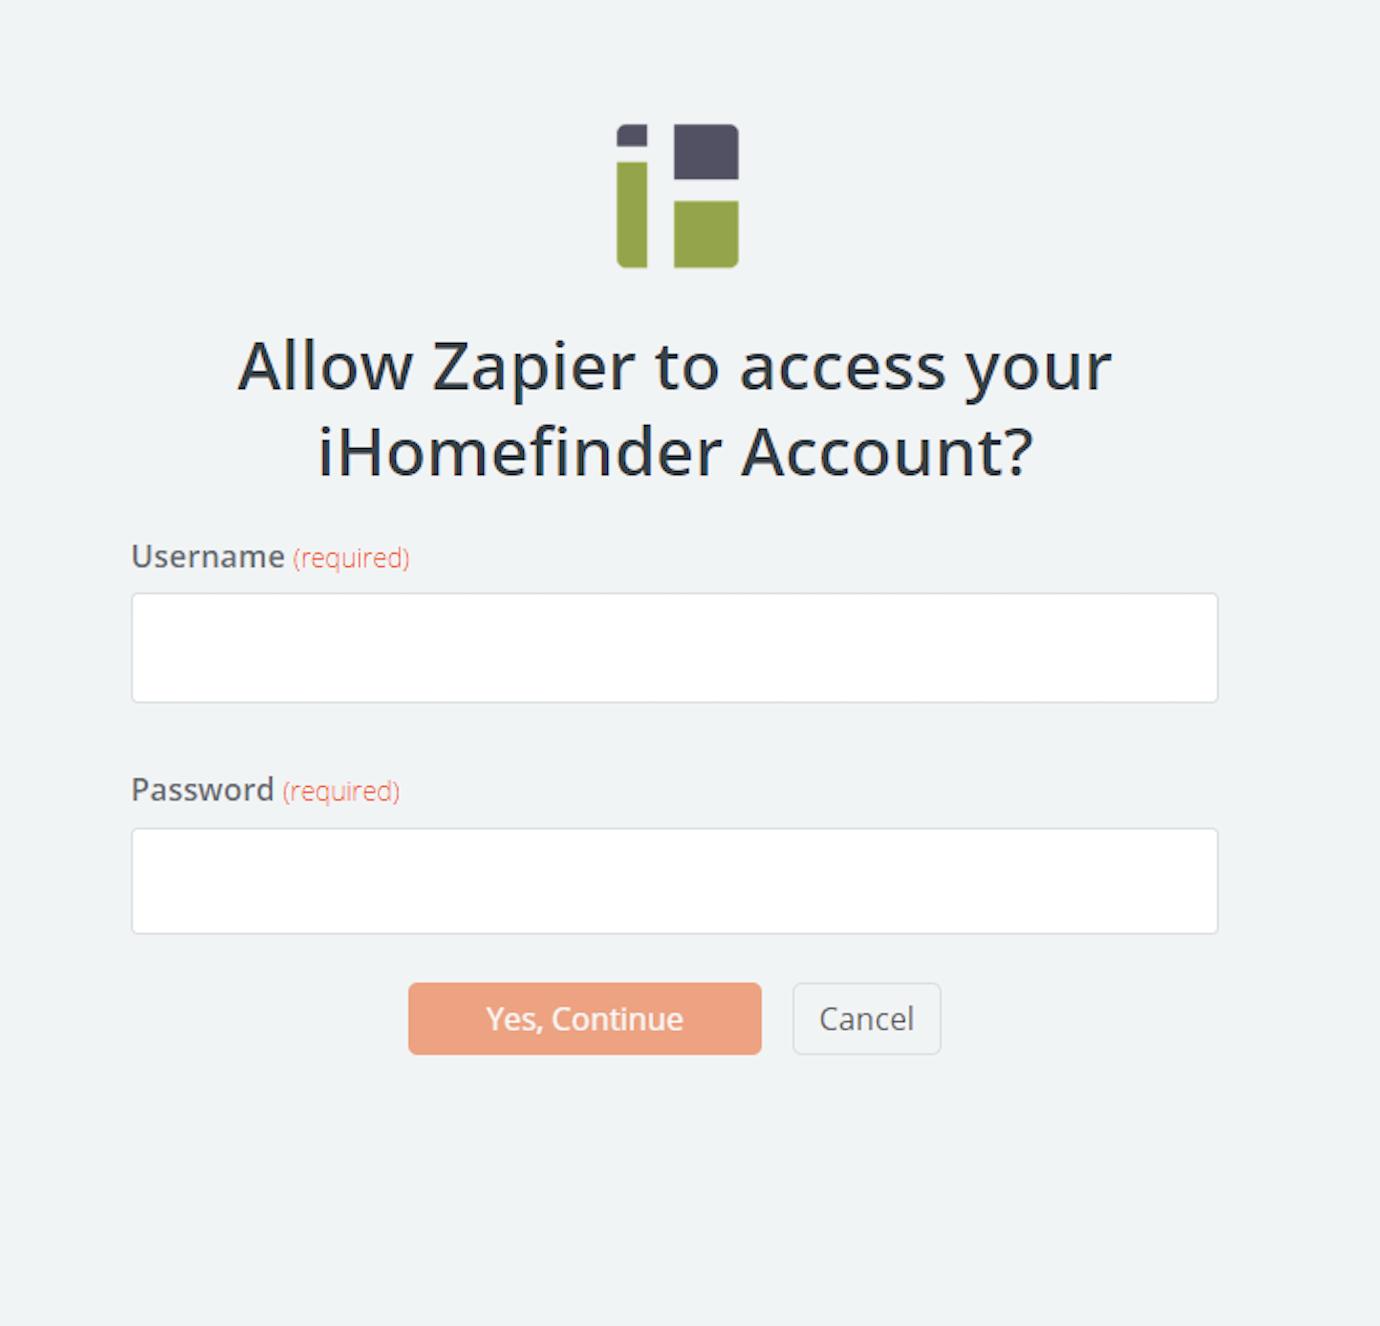 iHomefinder username and password